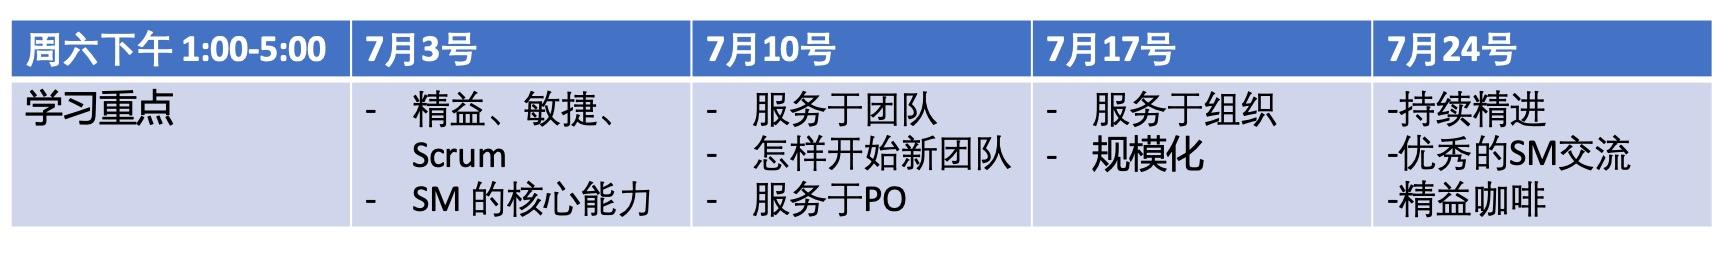 CSP-schedule